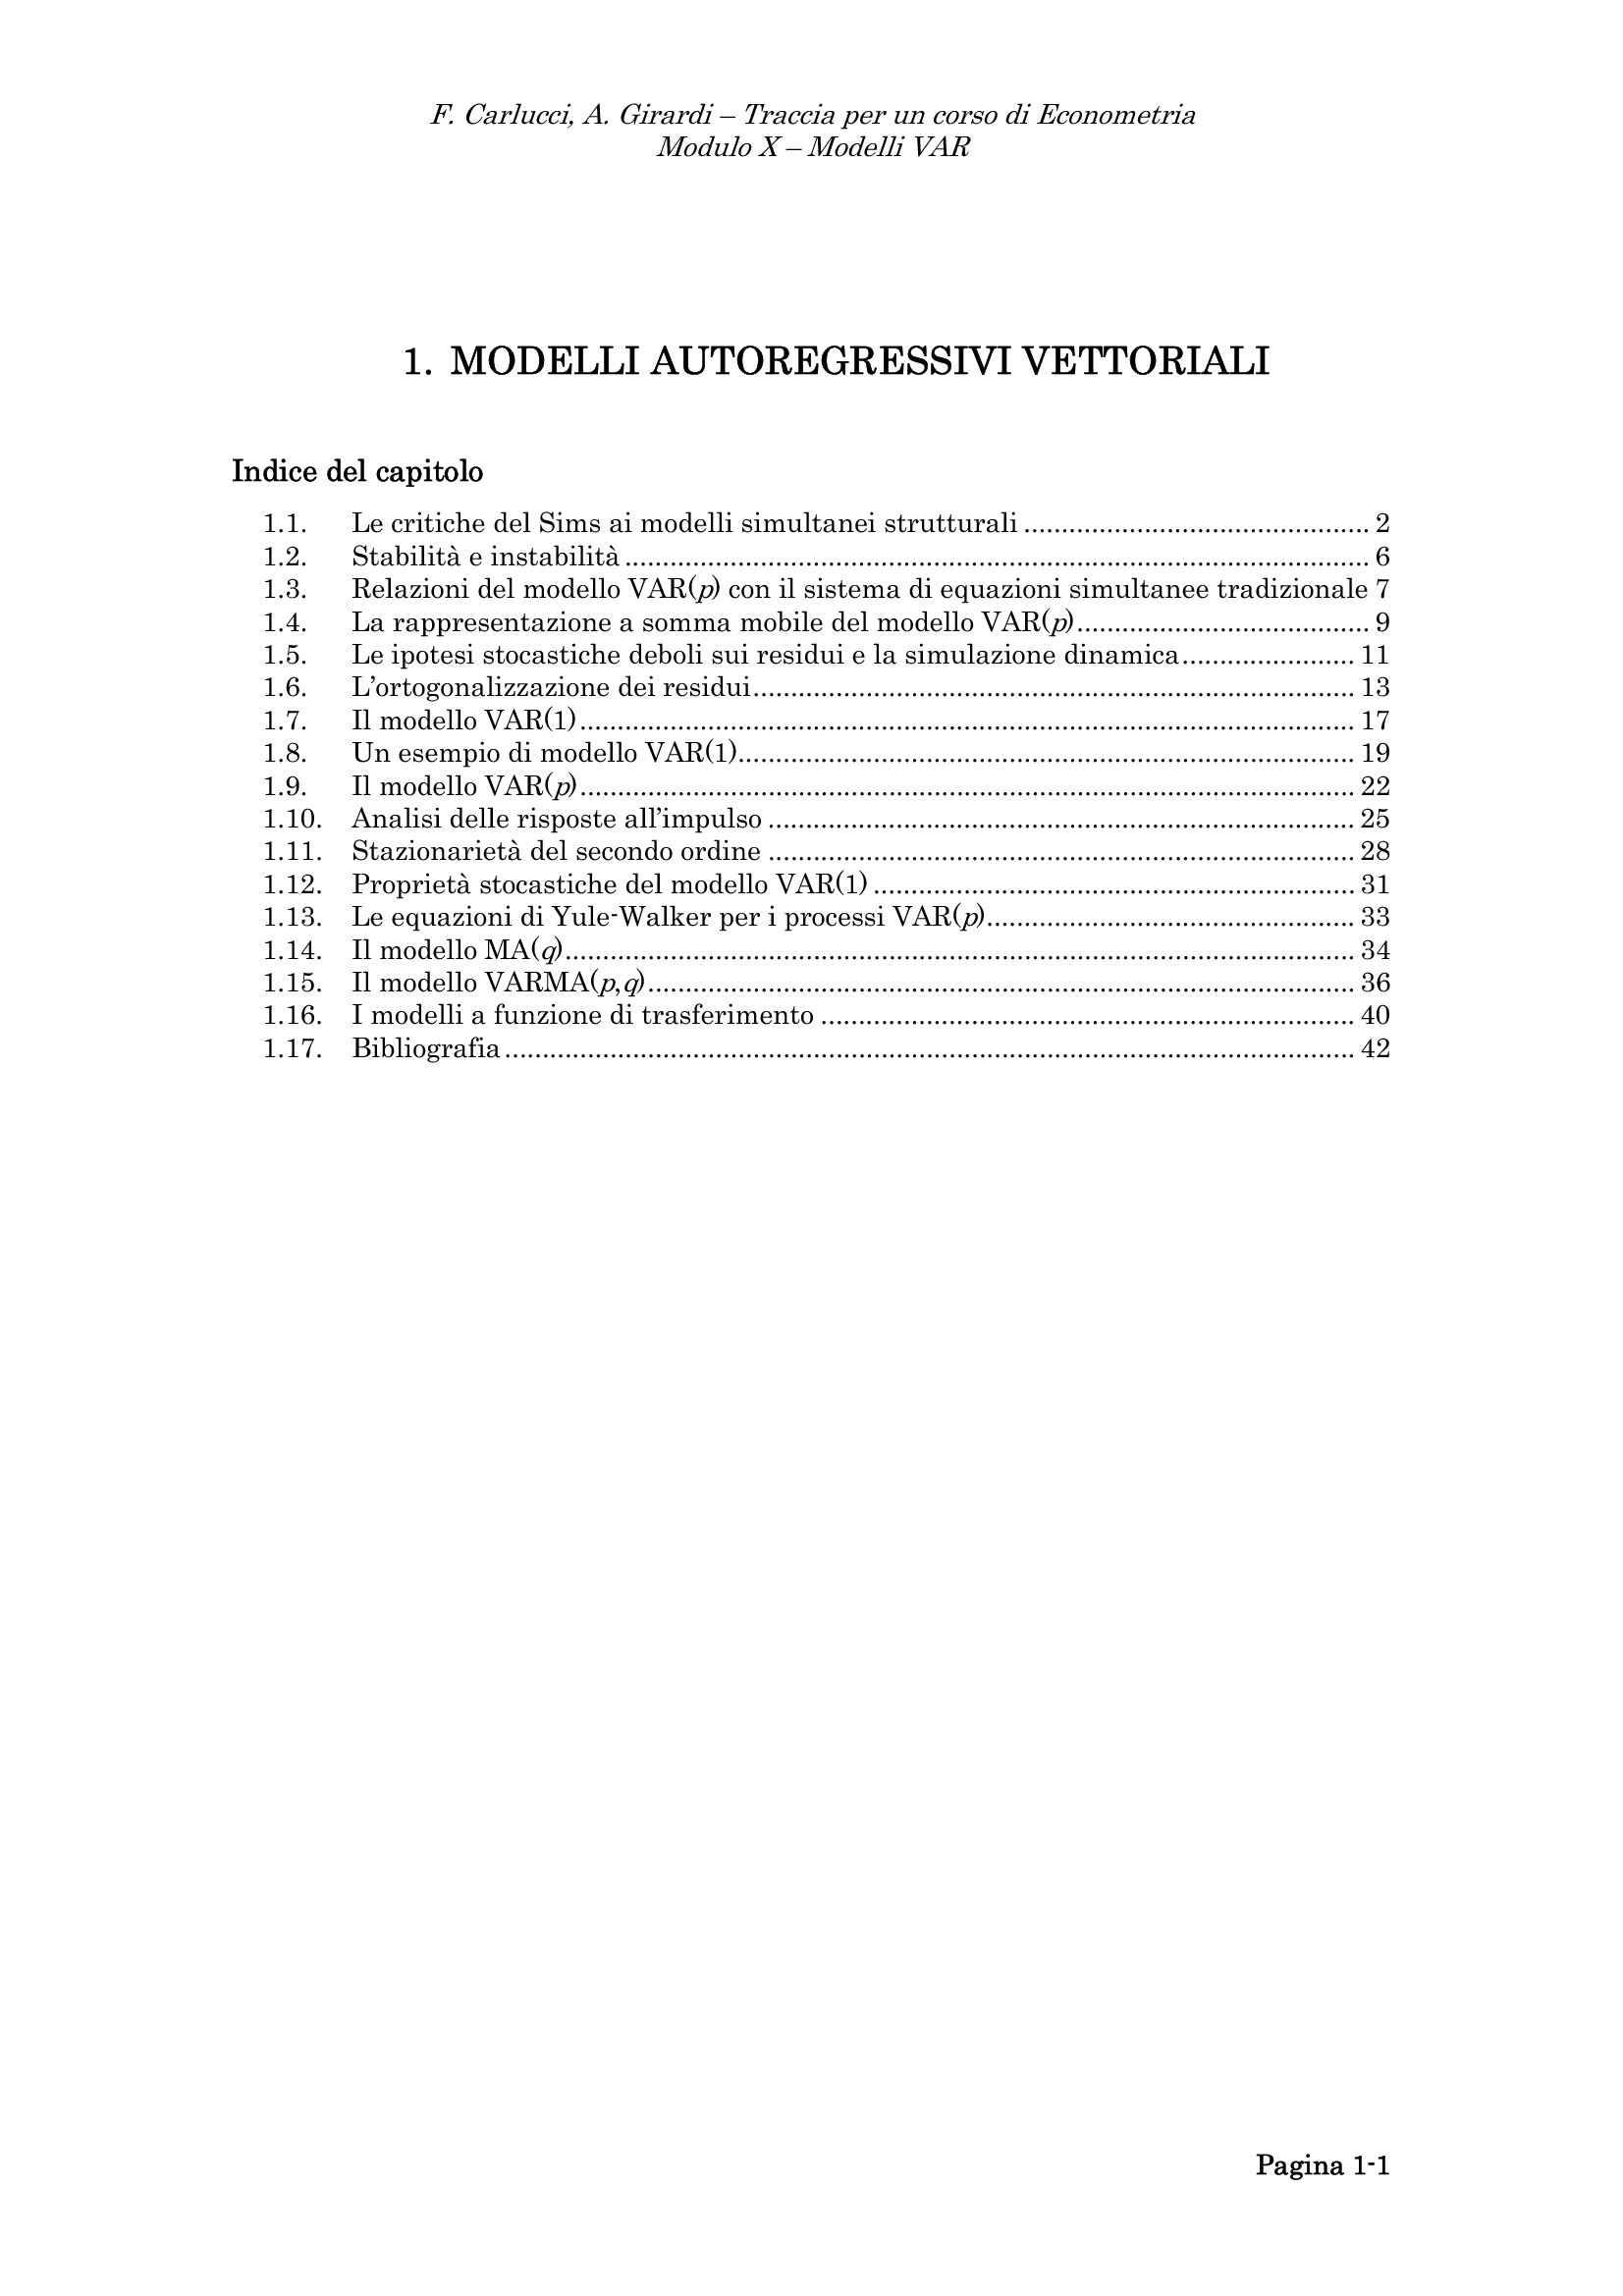 Modelli autoregressivi vettoriali